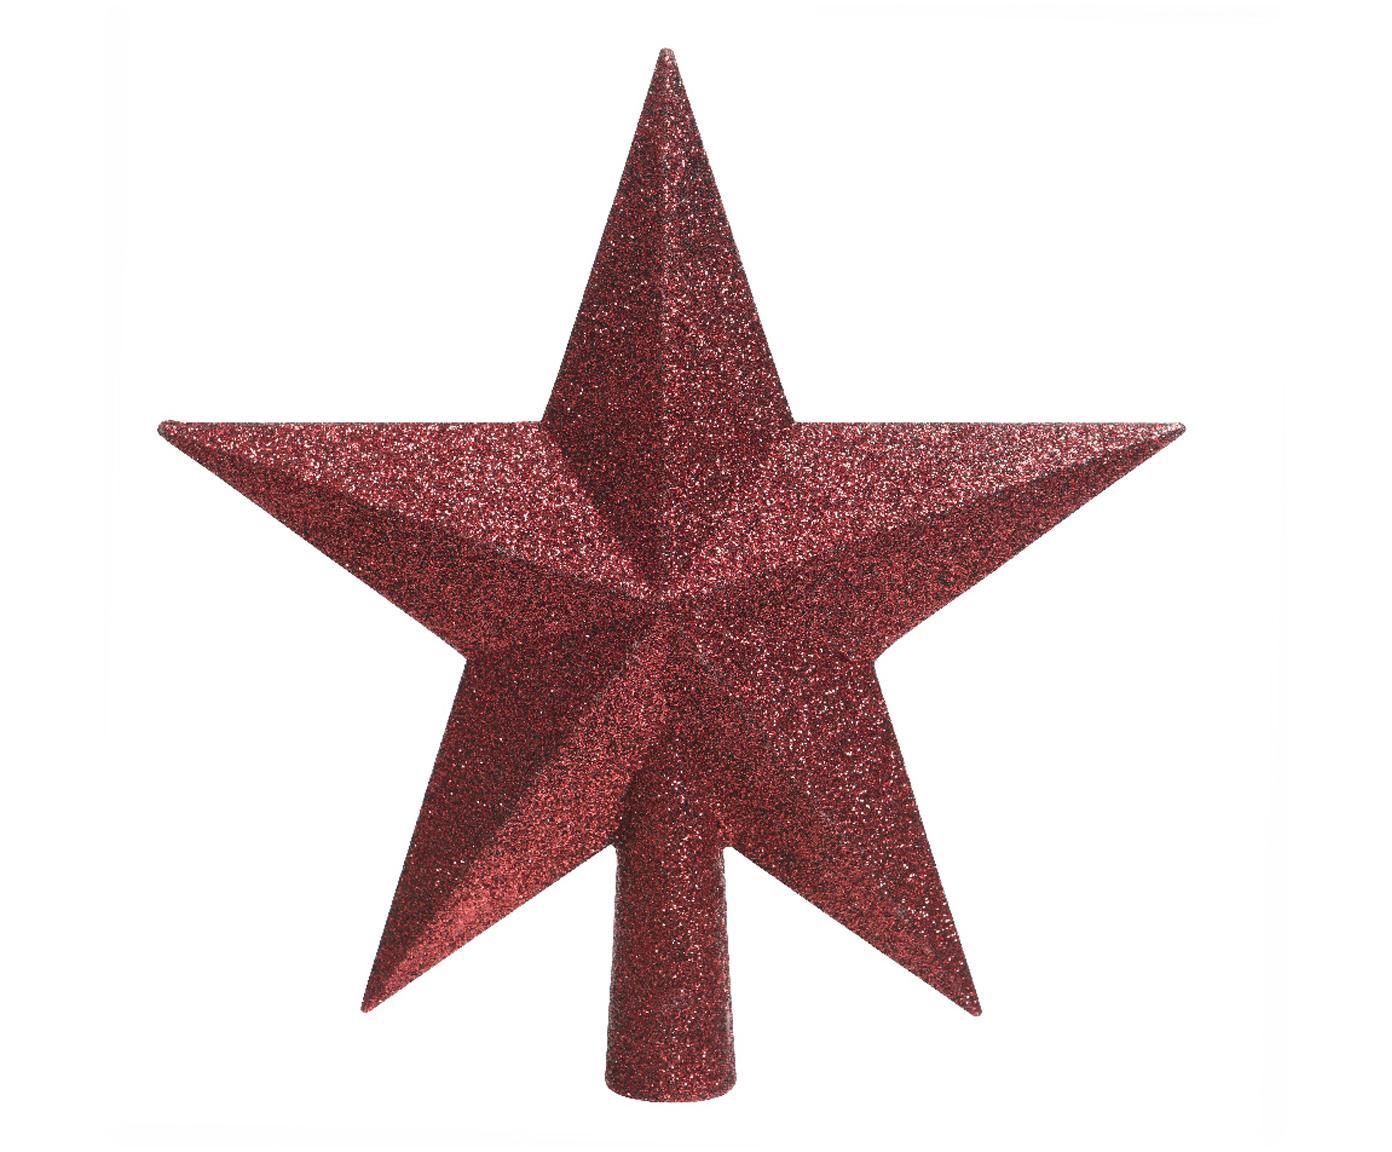 Ozdoba na czubek choinki Stern, Tworzywo sztuczne, brokat, Czerwony, S 19 x W 19 cm